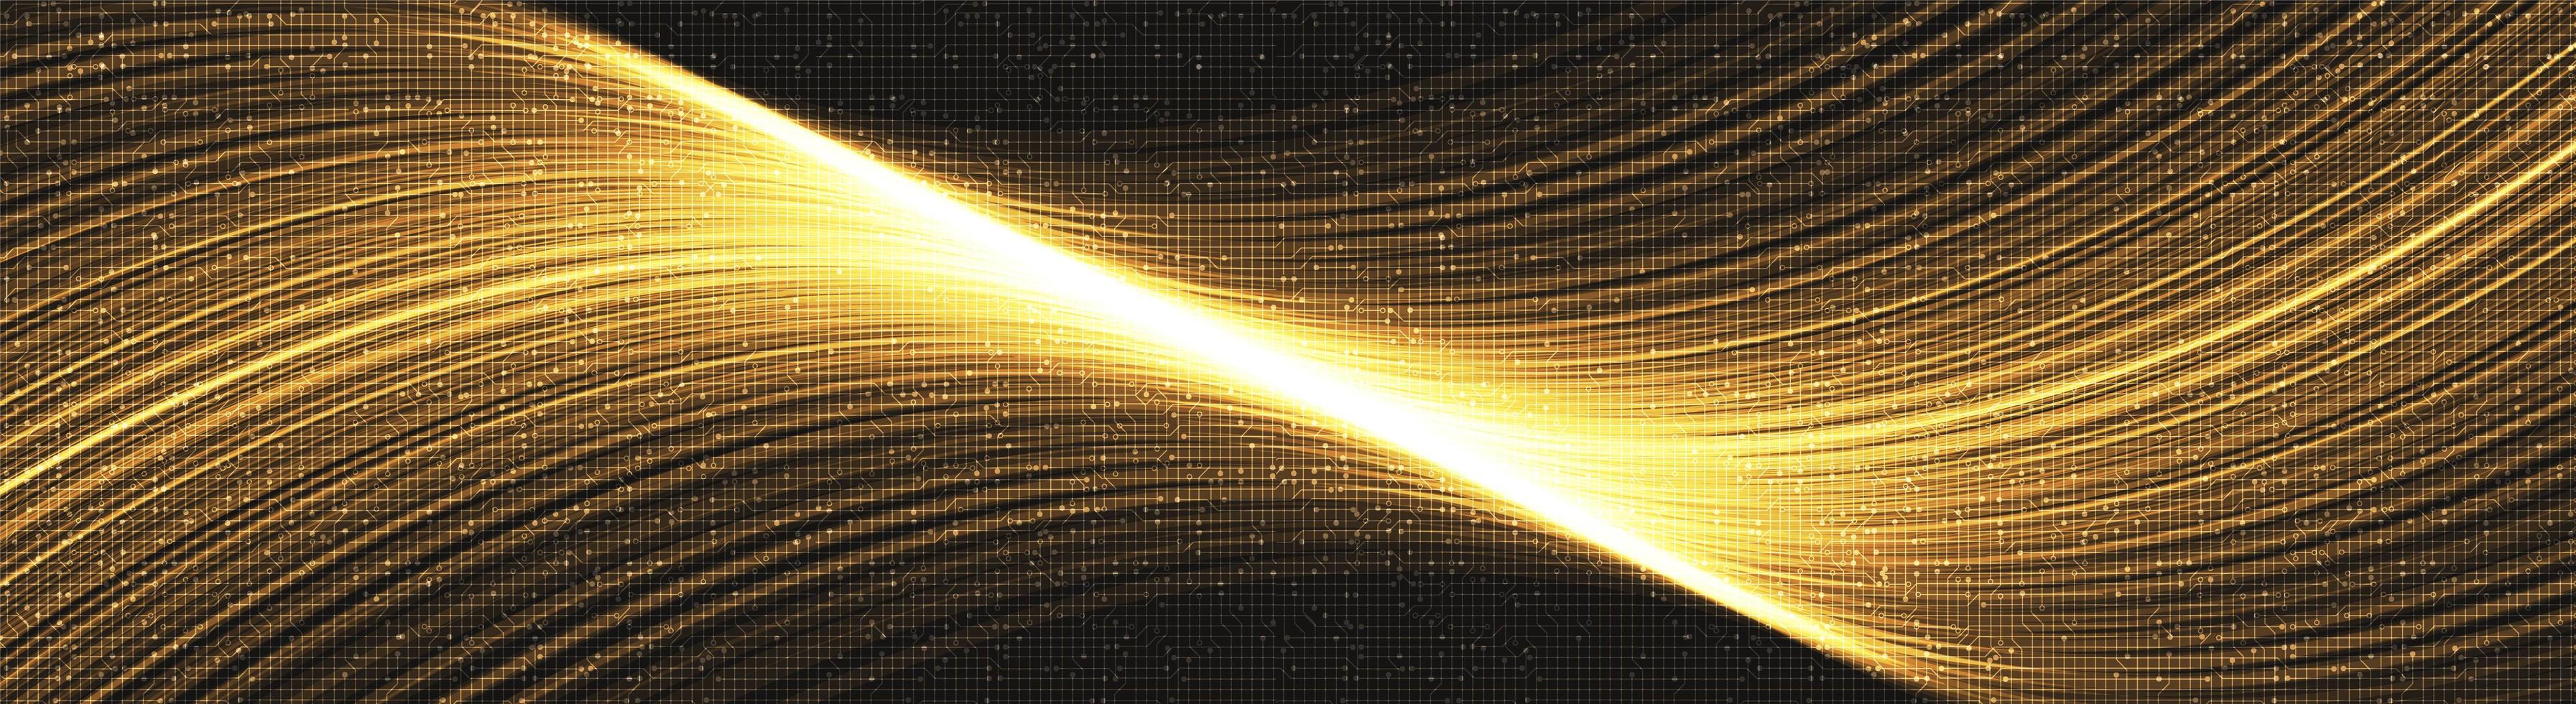 acenando fundo de tecnologia dourada, design de conceito de onda sonora e digital de alta tecnologia, espaço livre para texto colocado, ilustração vetorial. vetor